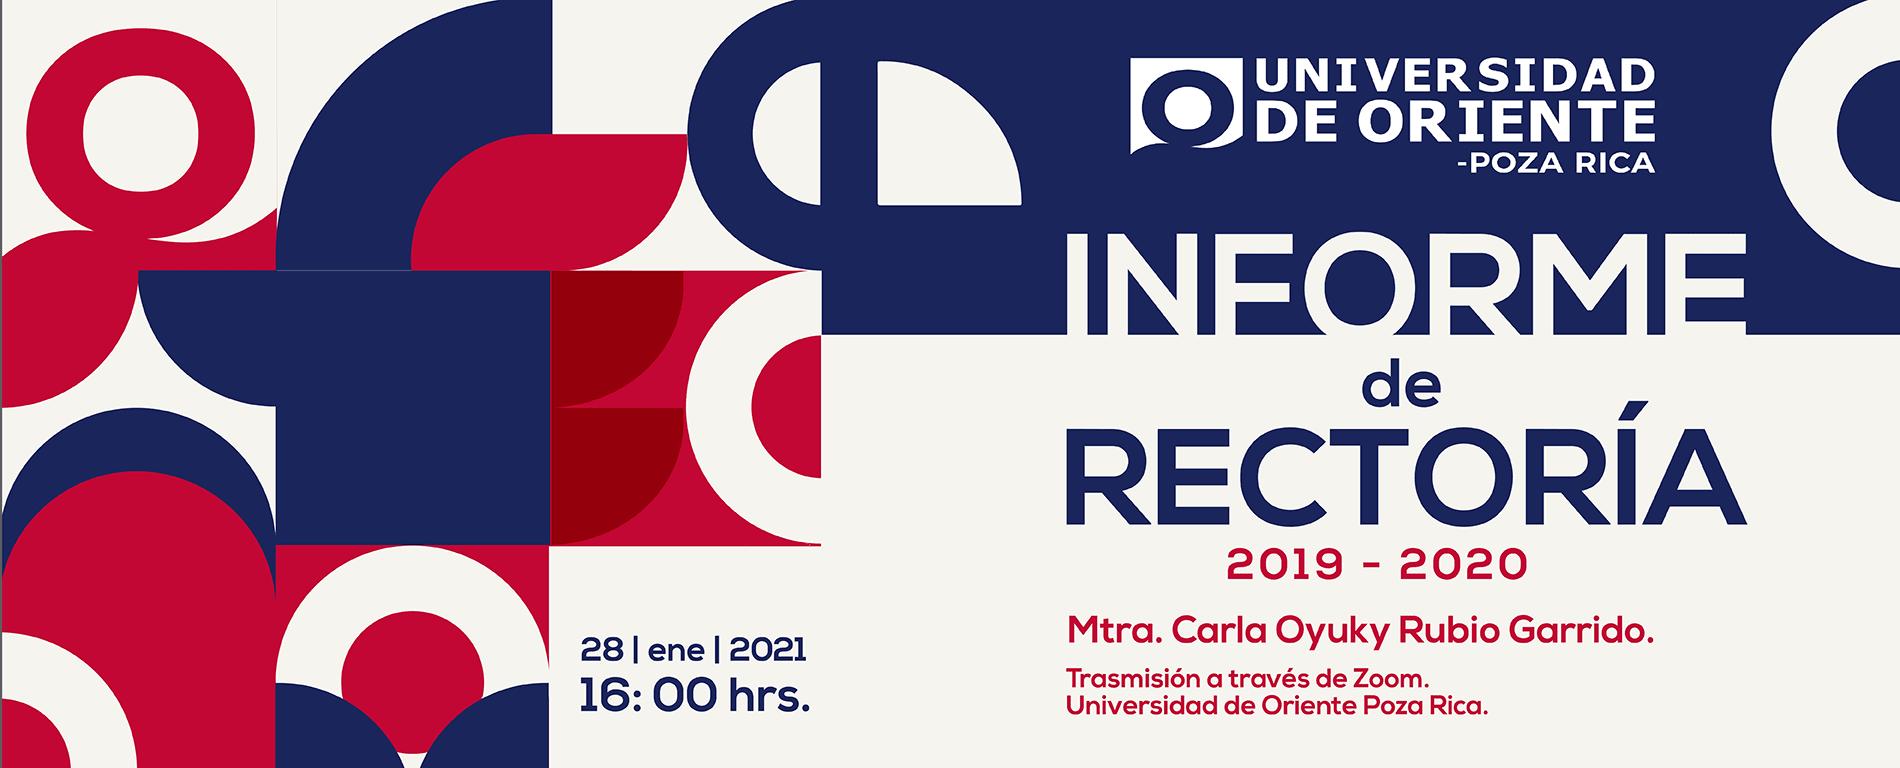 Informe de rectoria 2020 Universidad de Oriente Poza Rica